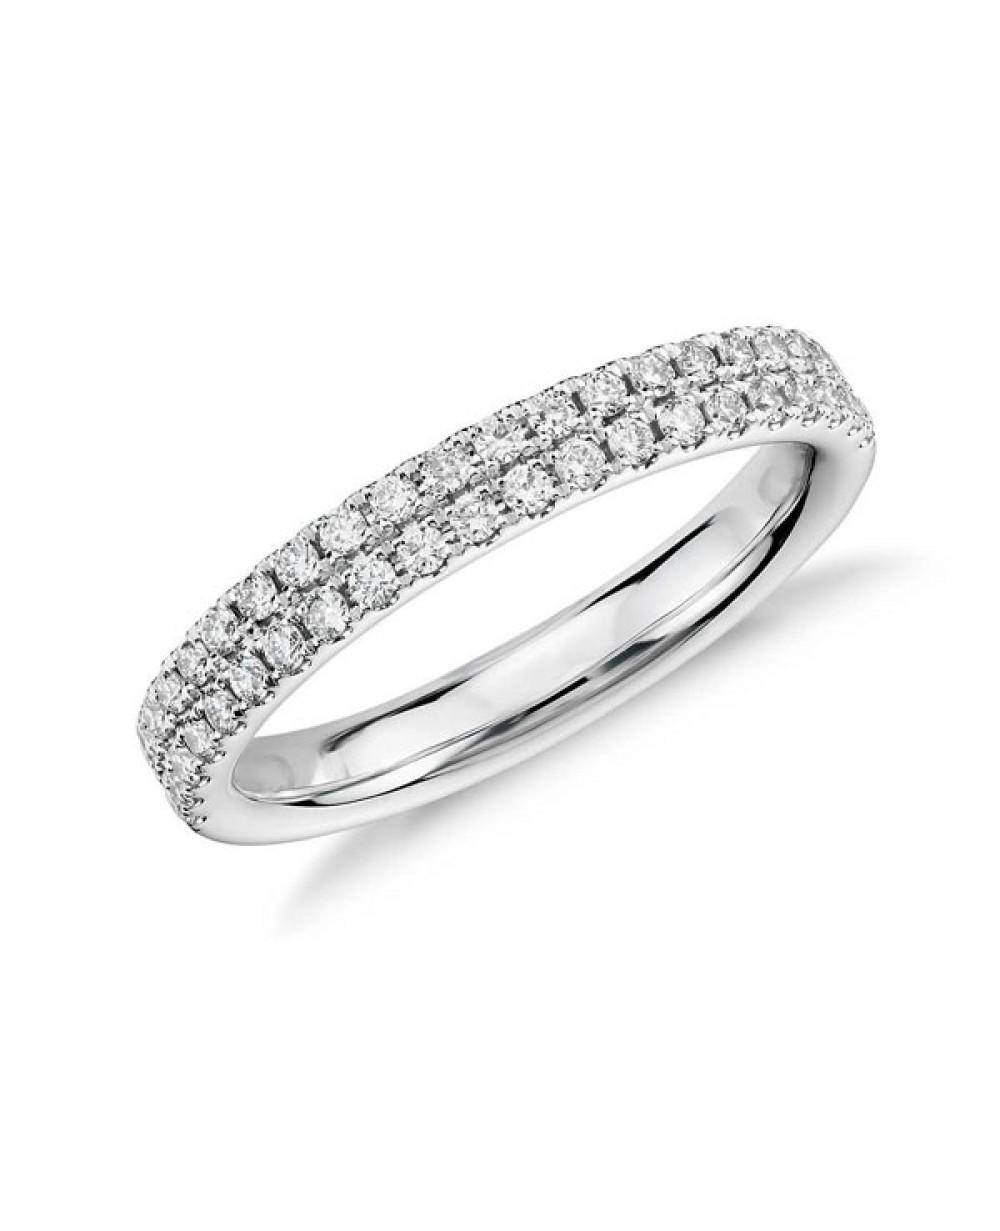 Mais Imagens. Meia Aliança em Ouro Branco 18K e Diamantes lapidação  brilhante 733075834b